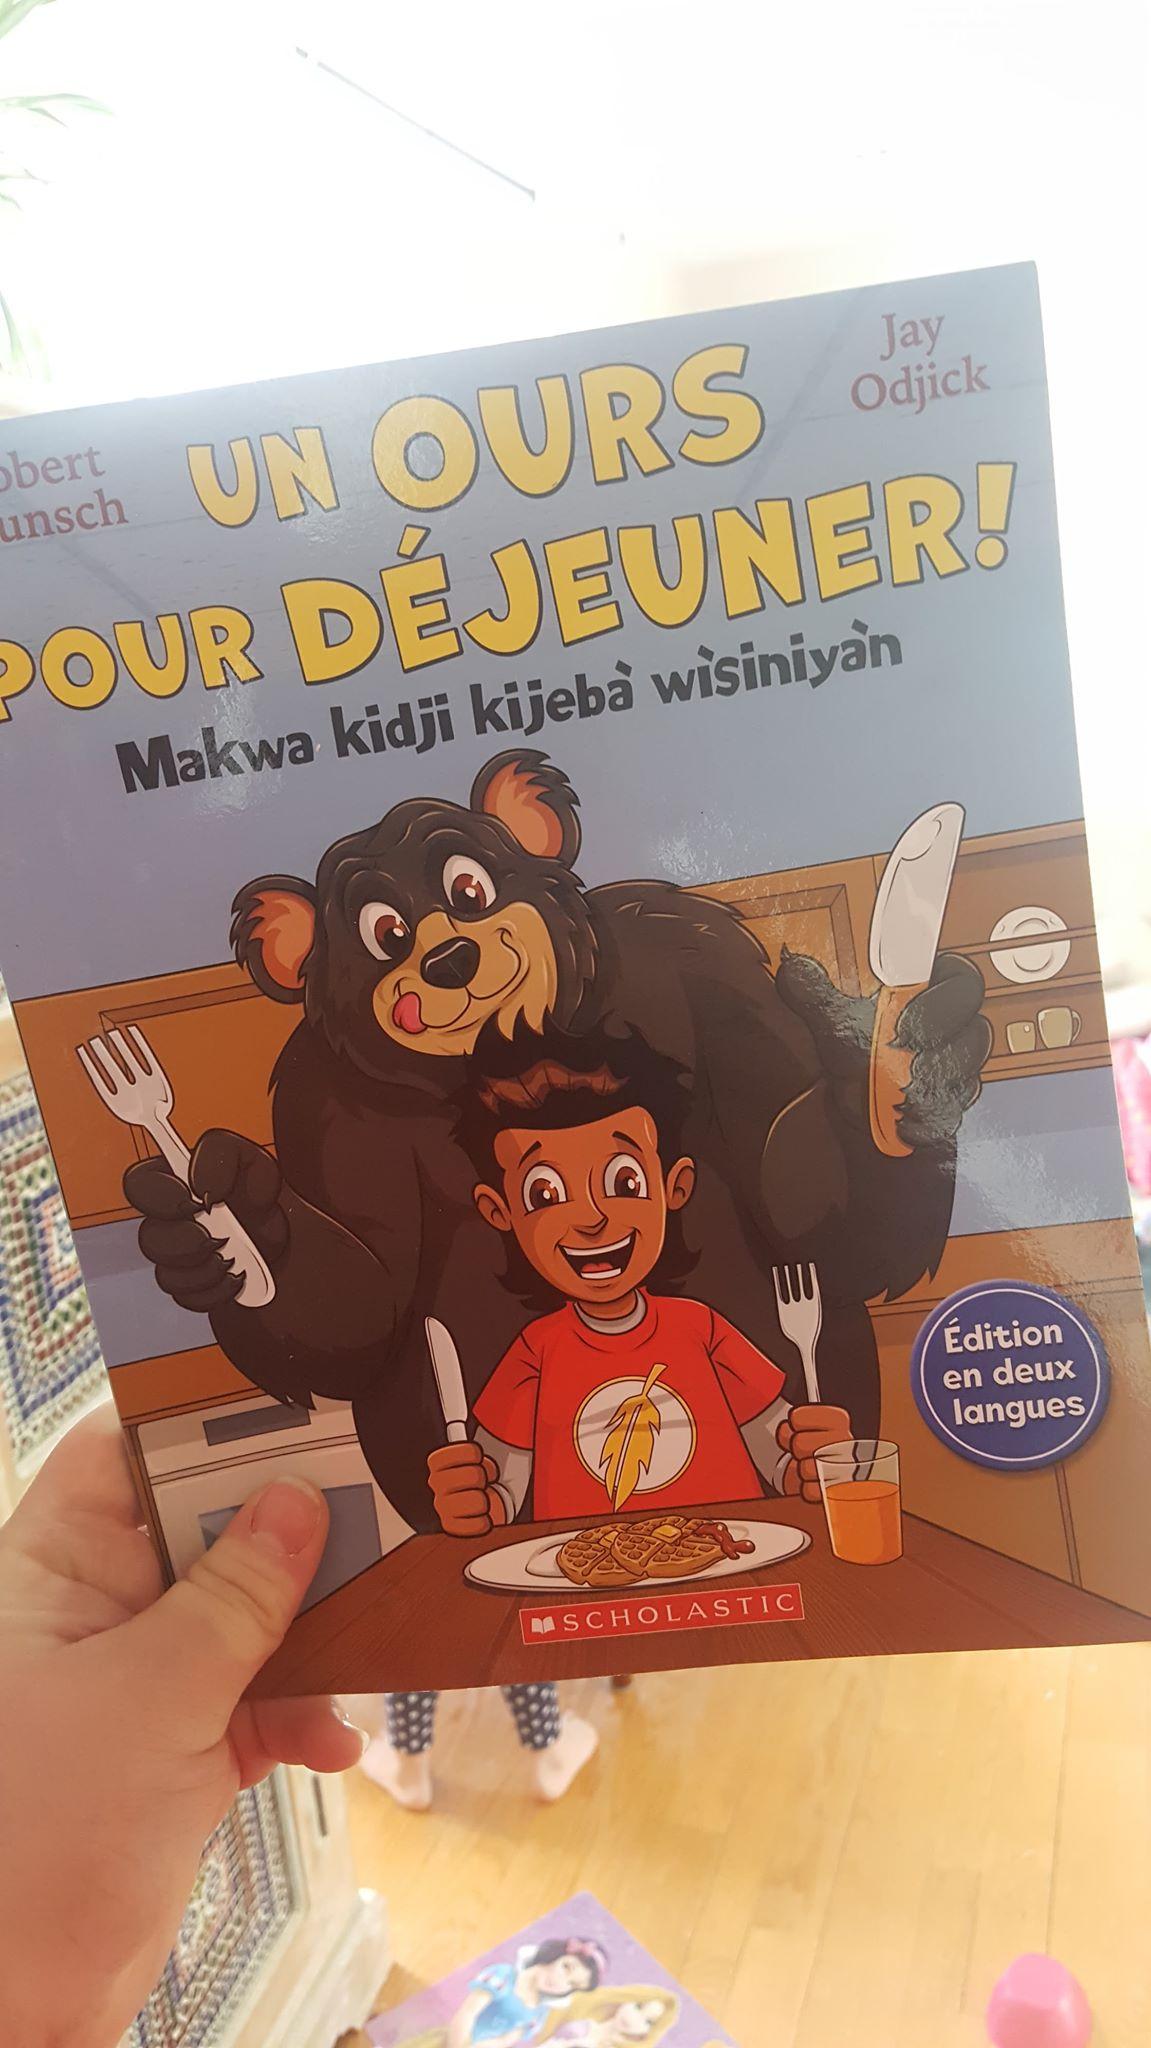 Suggestions lecture-Un ours pour déjeuner-Livre-lire-Albums jeunesse-Robert Munsch-rire-histoire drôle-littérature-Je suis une maman